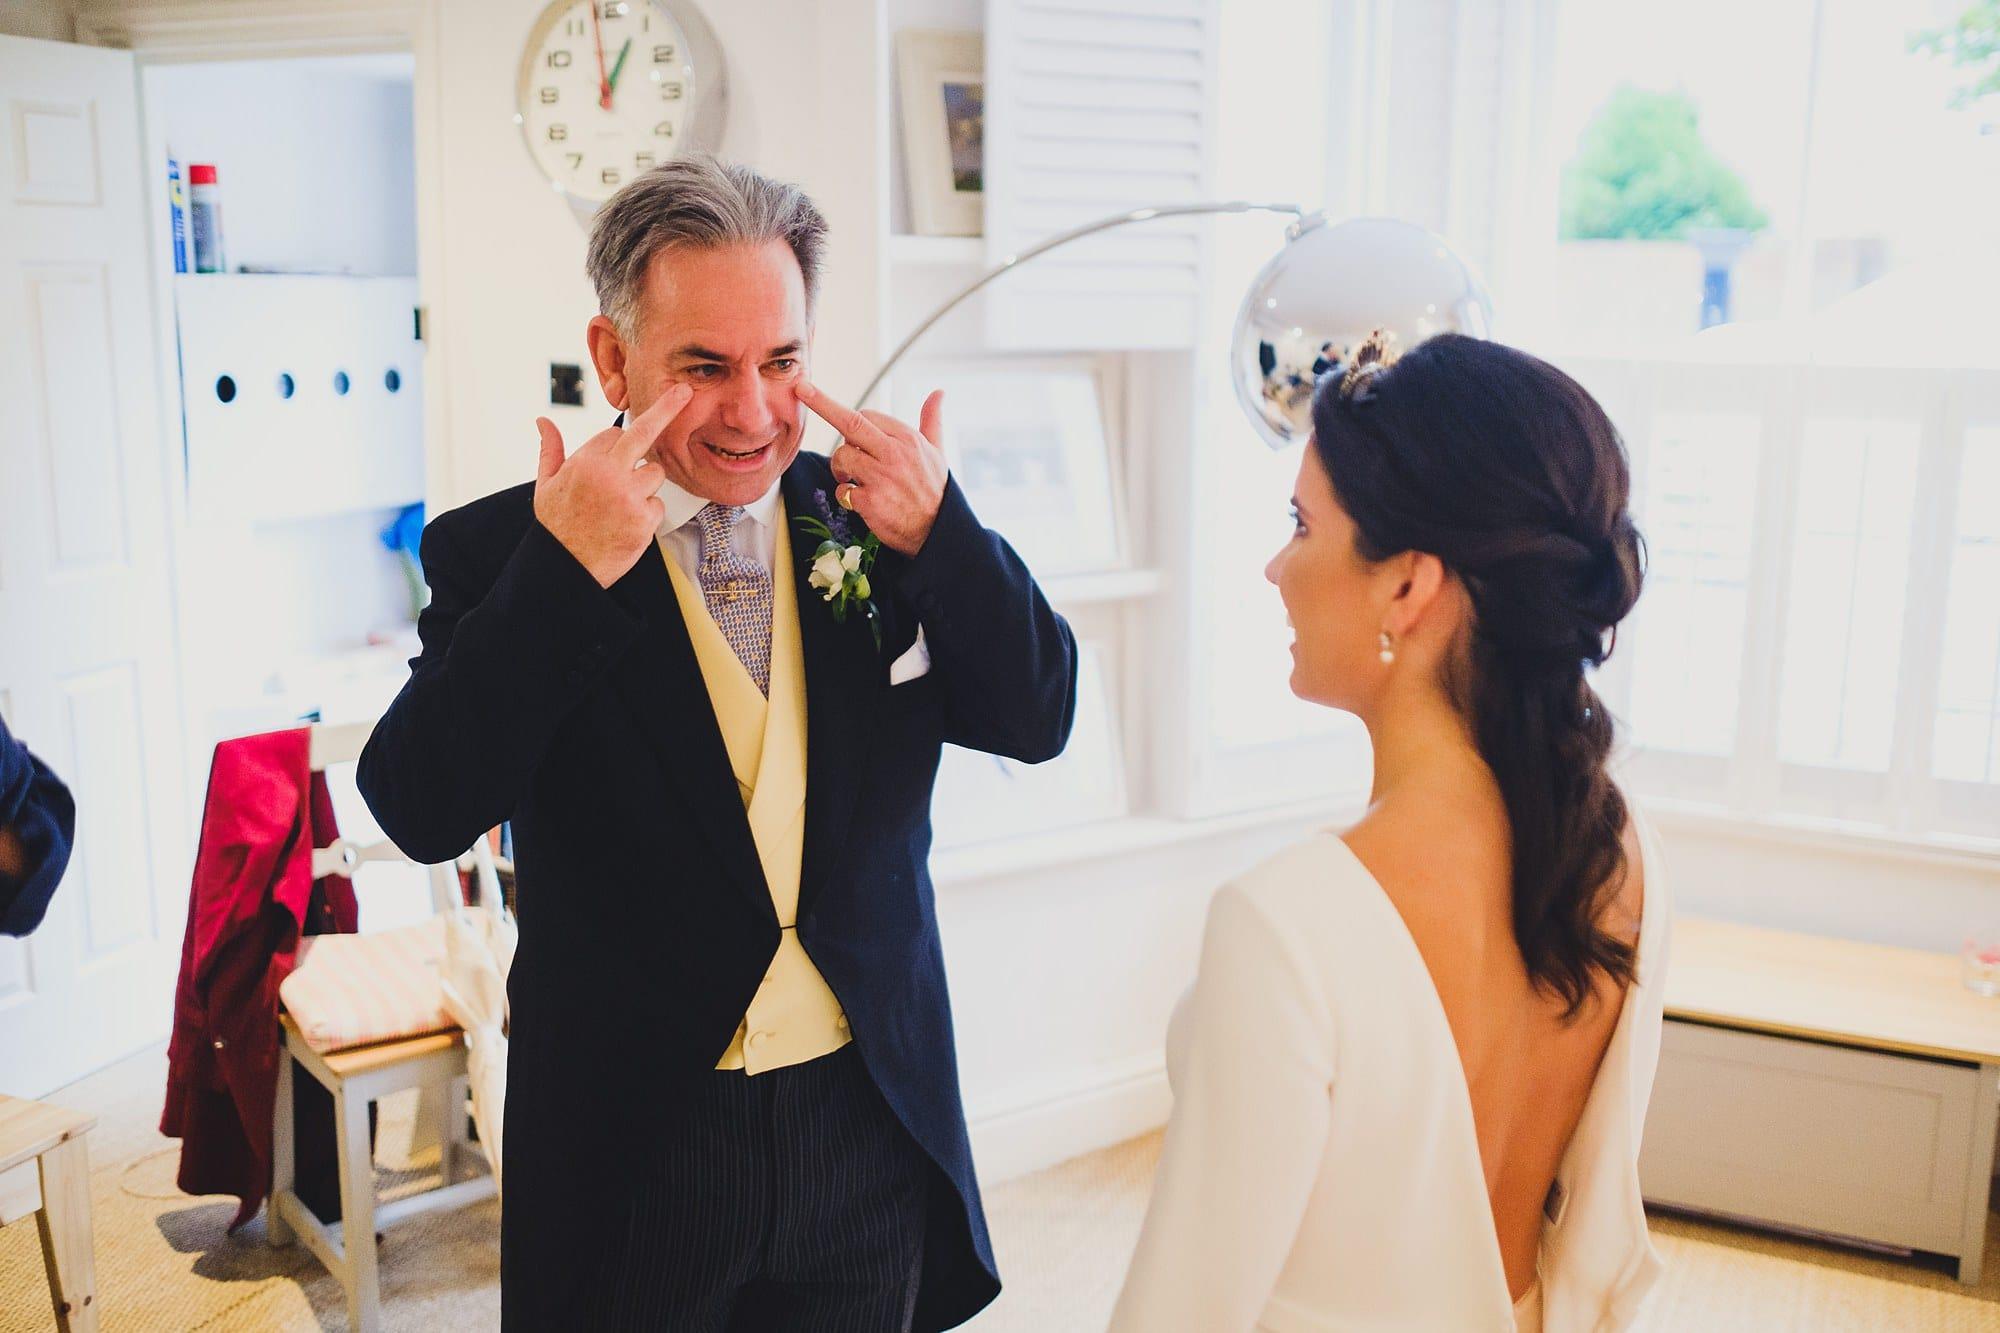 fulham palace wedding photographer ok 014 - Olivia + Kyle